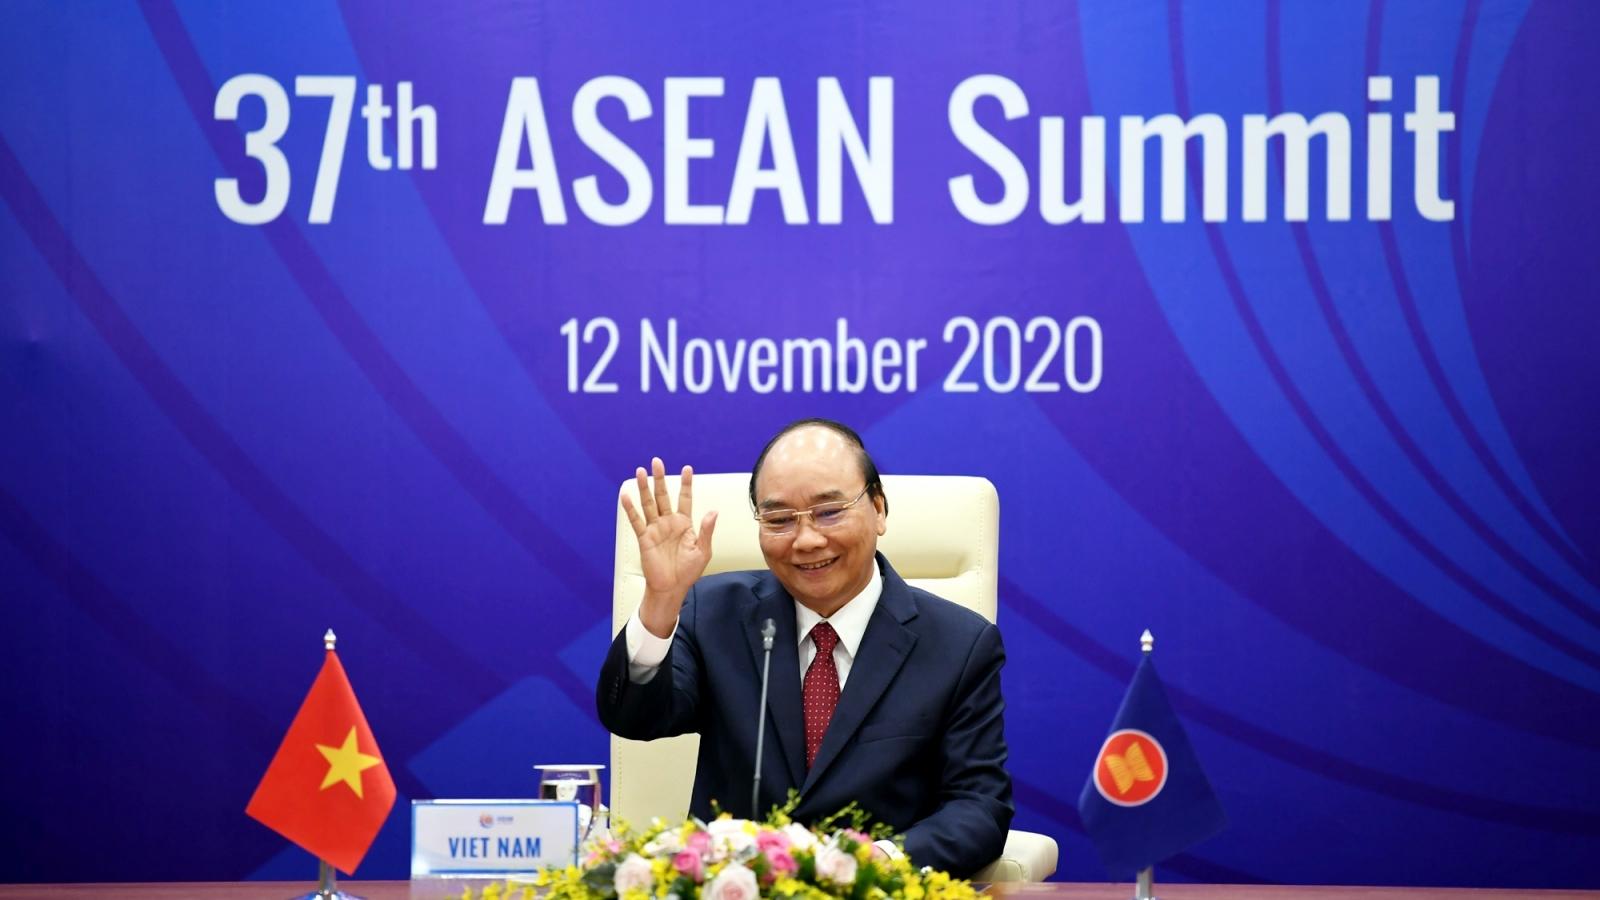 Bất chấp Covid-19, Việt Nam vẫn hoàn thành xuất sắc vai trò Chủ tịch ASEAN 2020